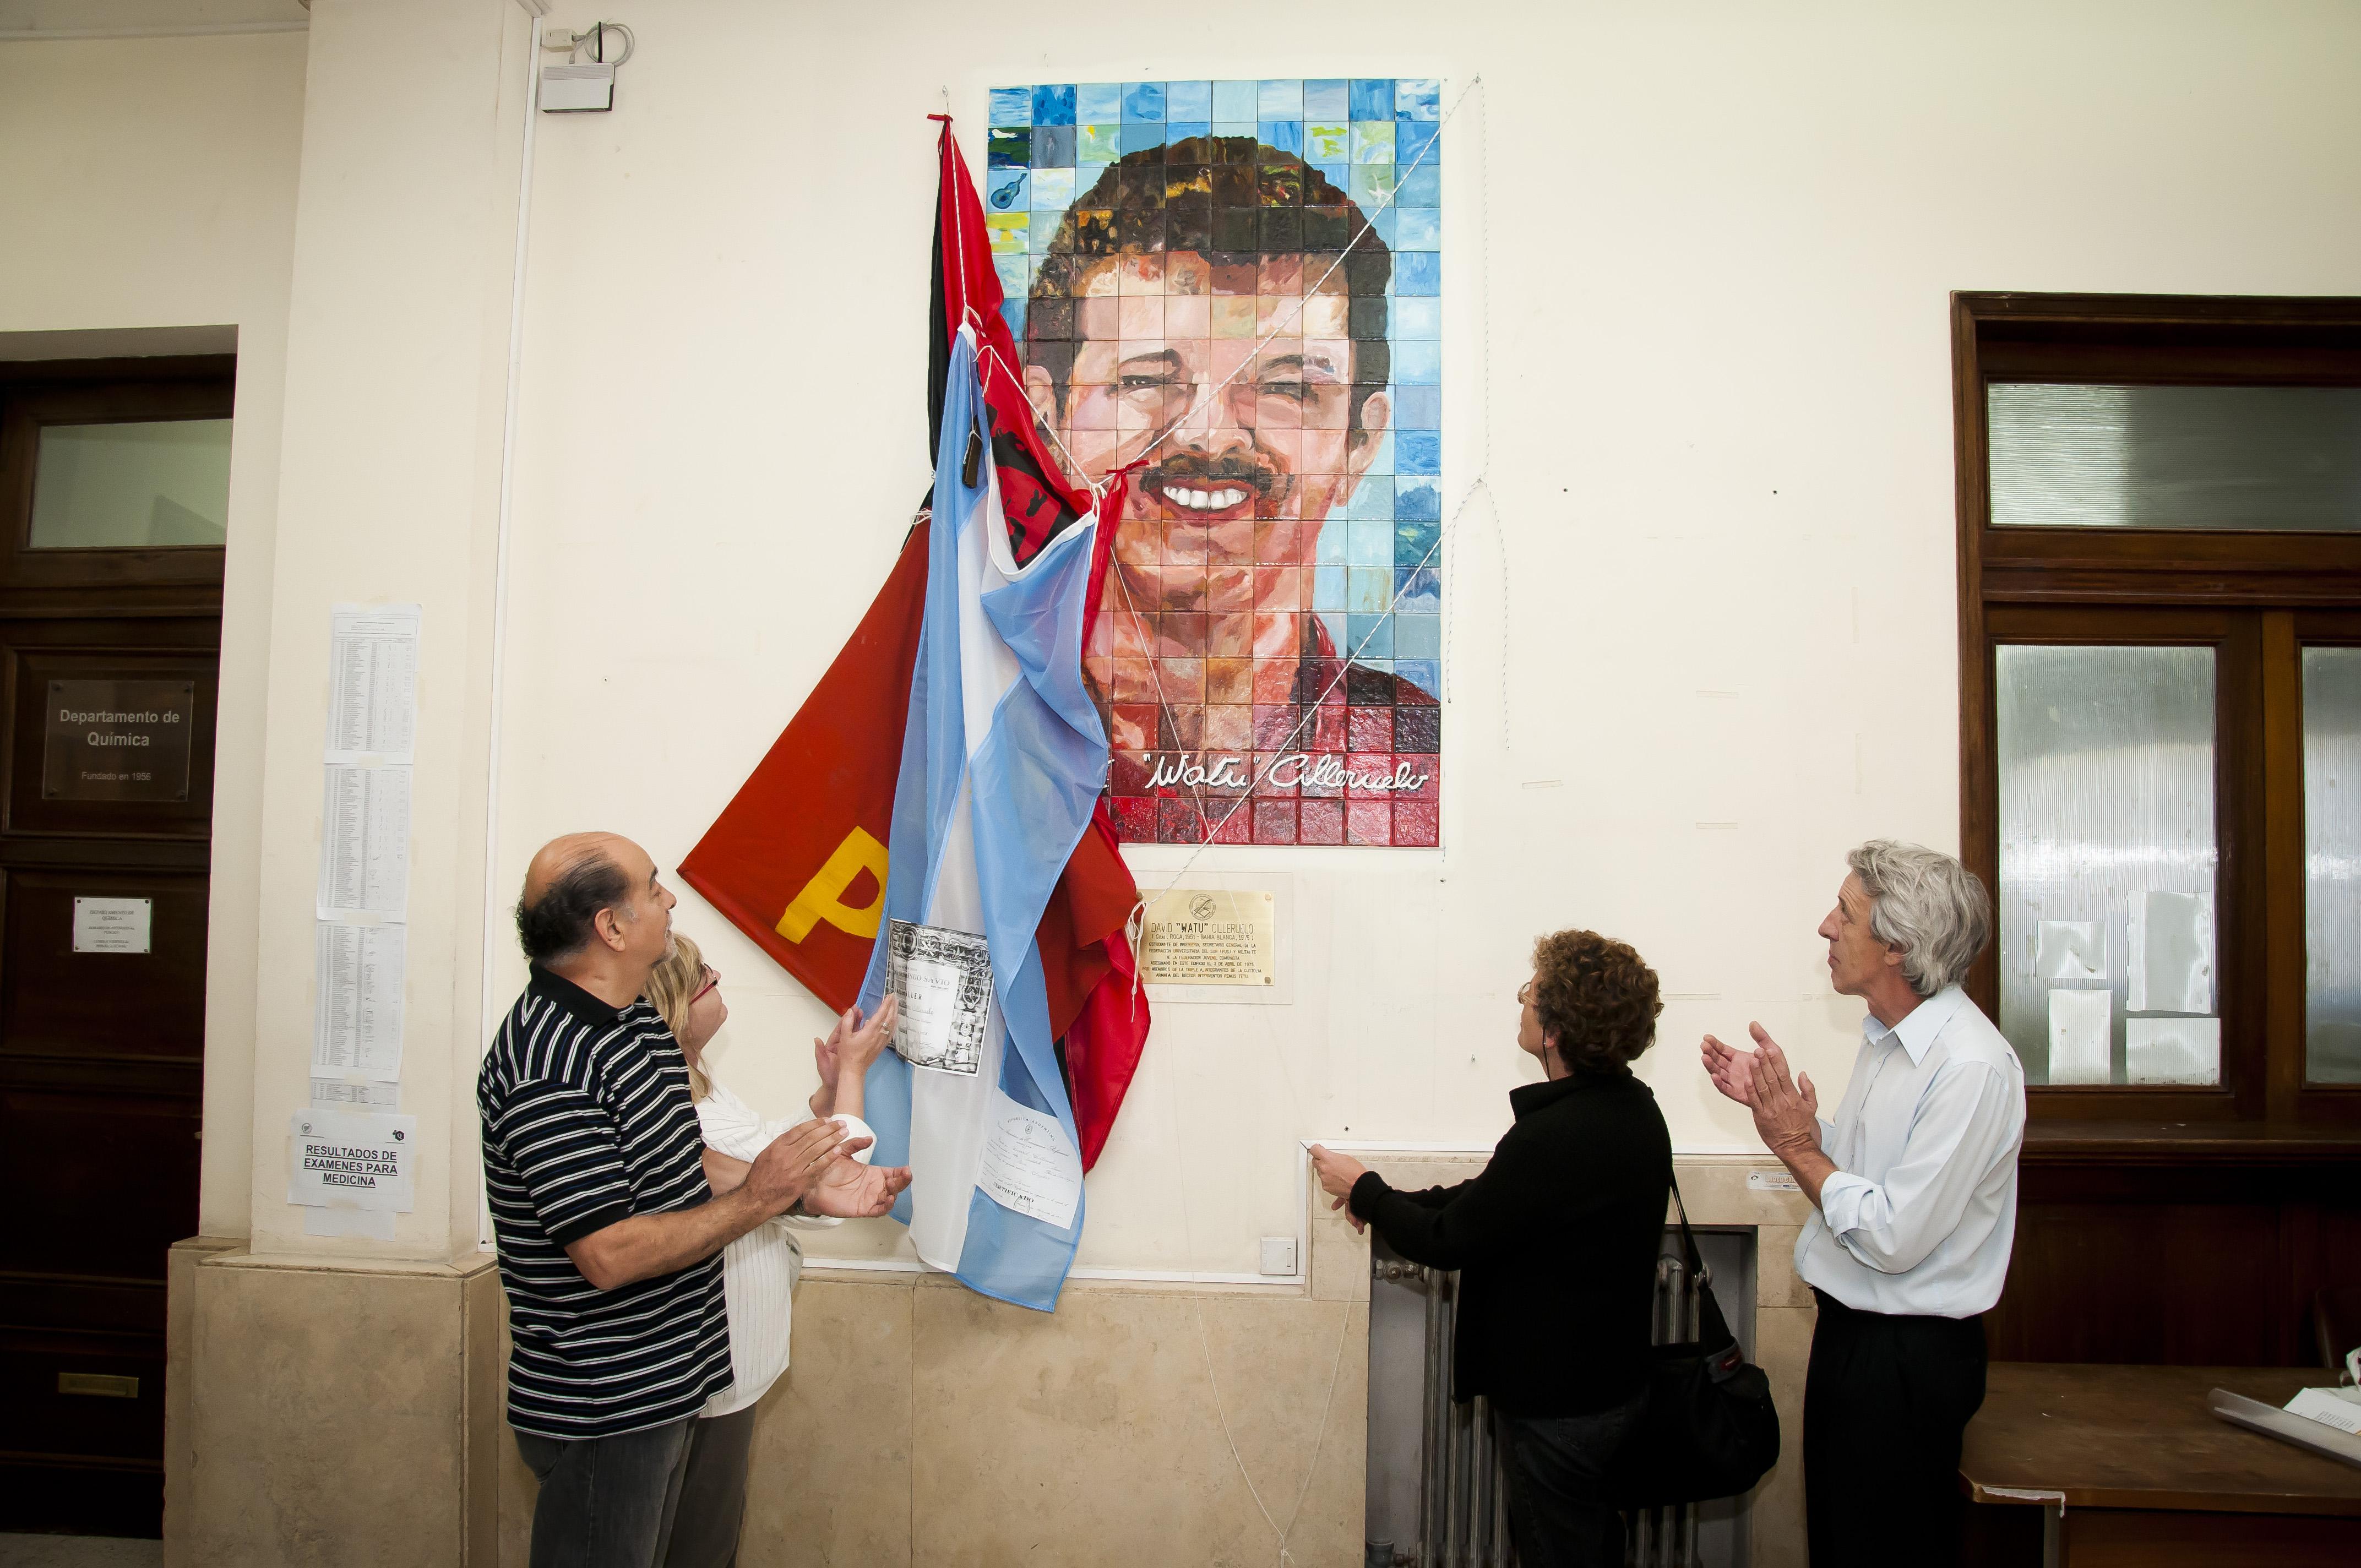 Descubrimiento mural homenaje a Watu - Hall central Complejo Alem